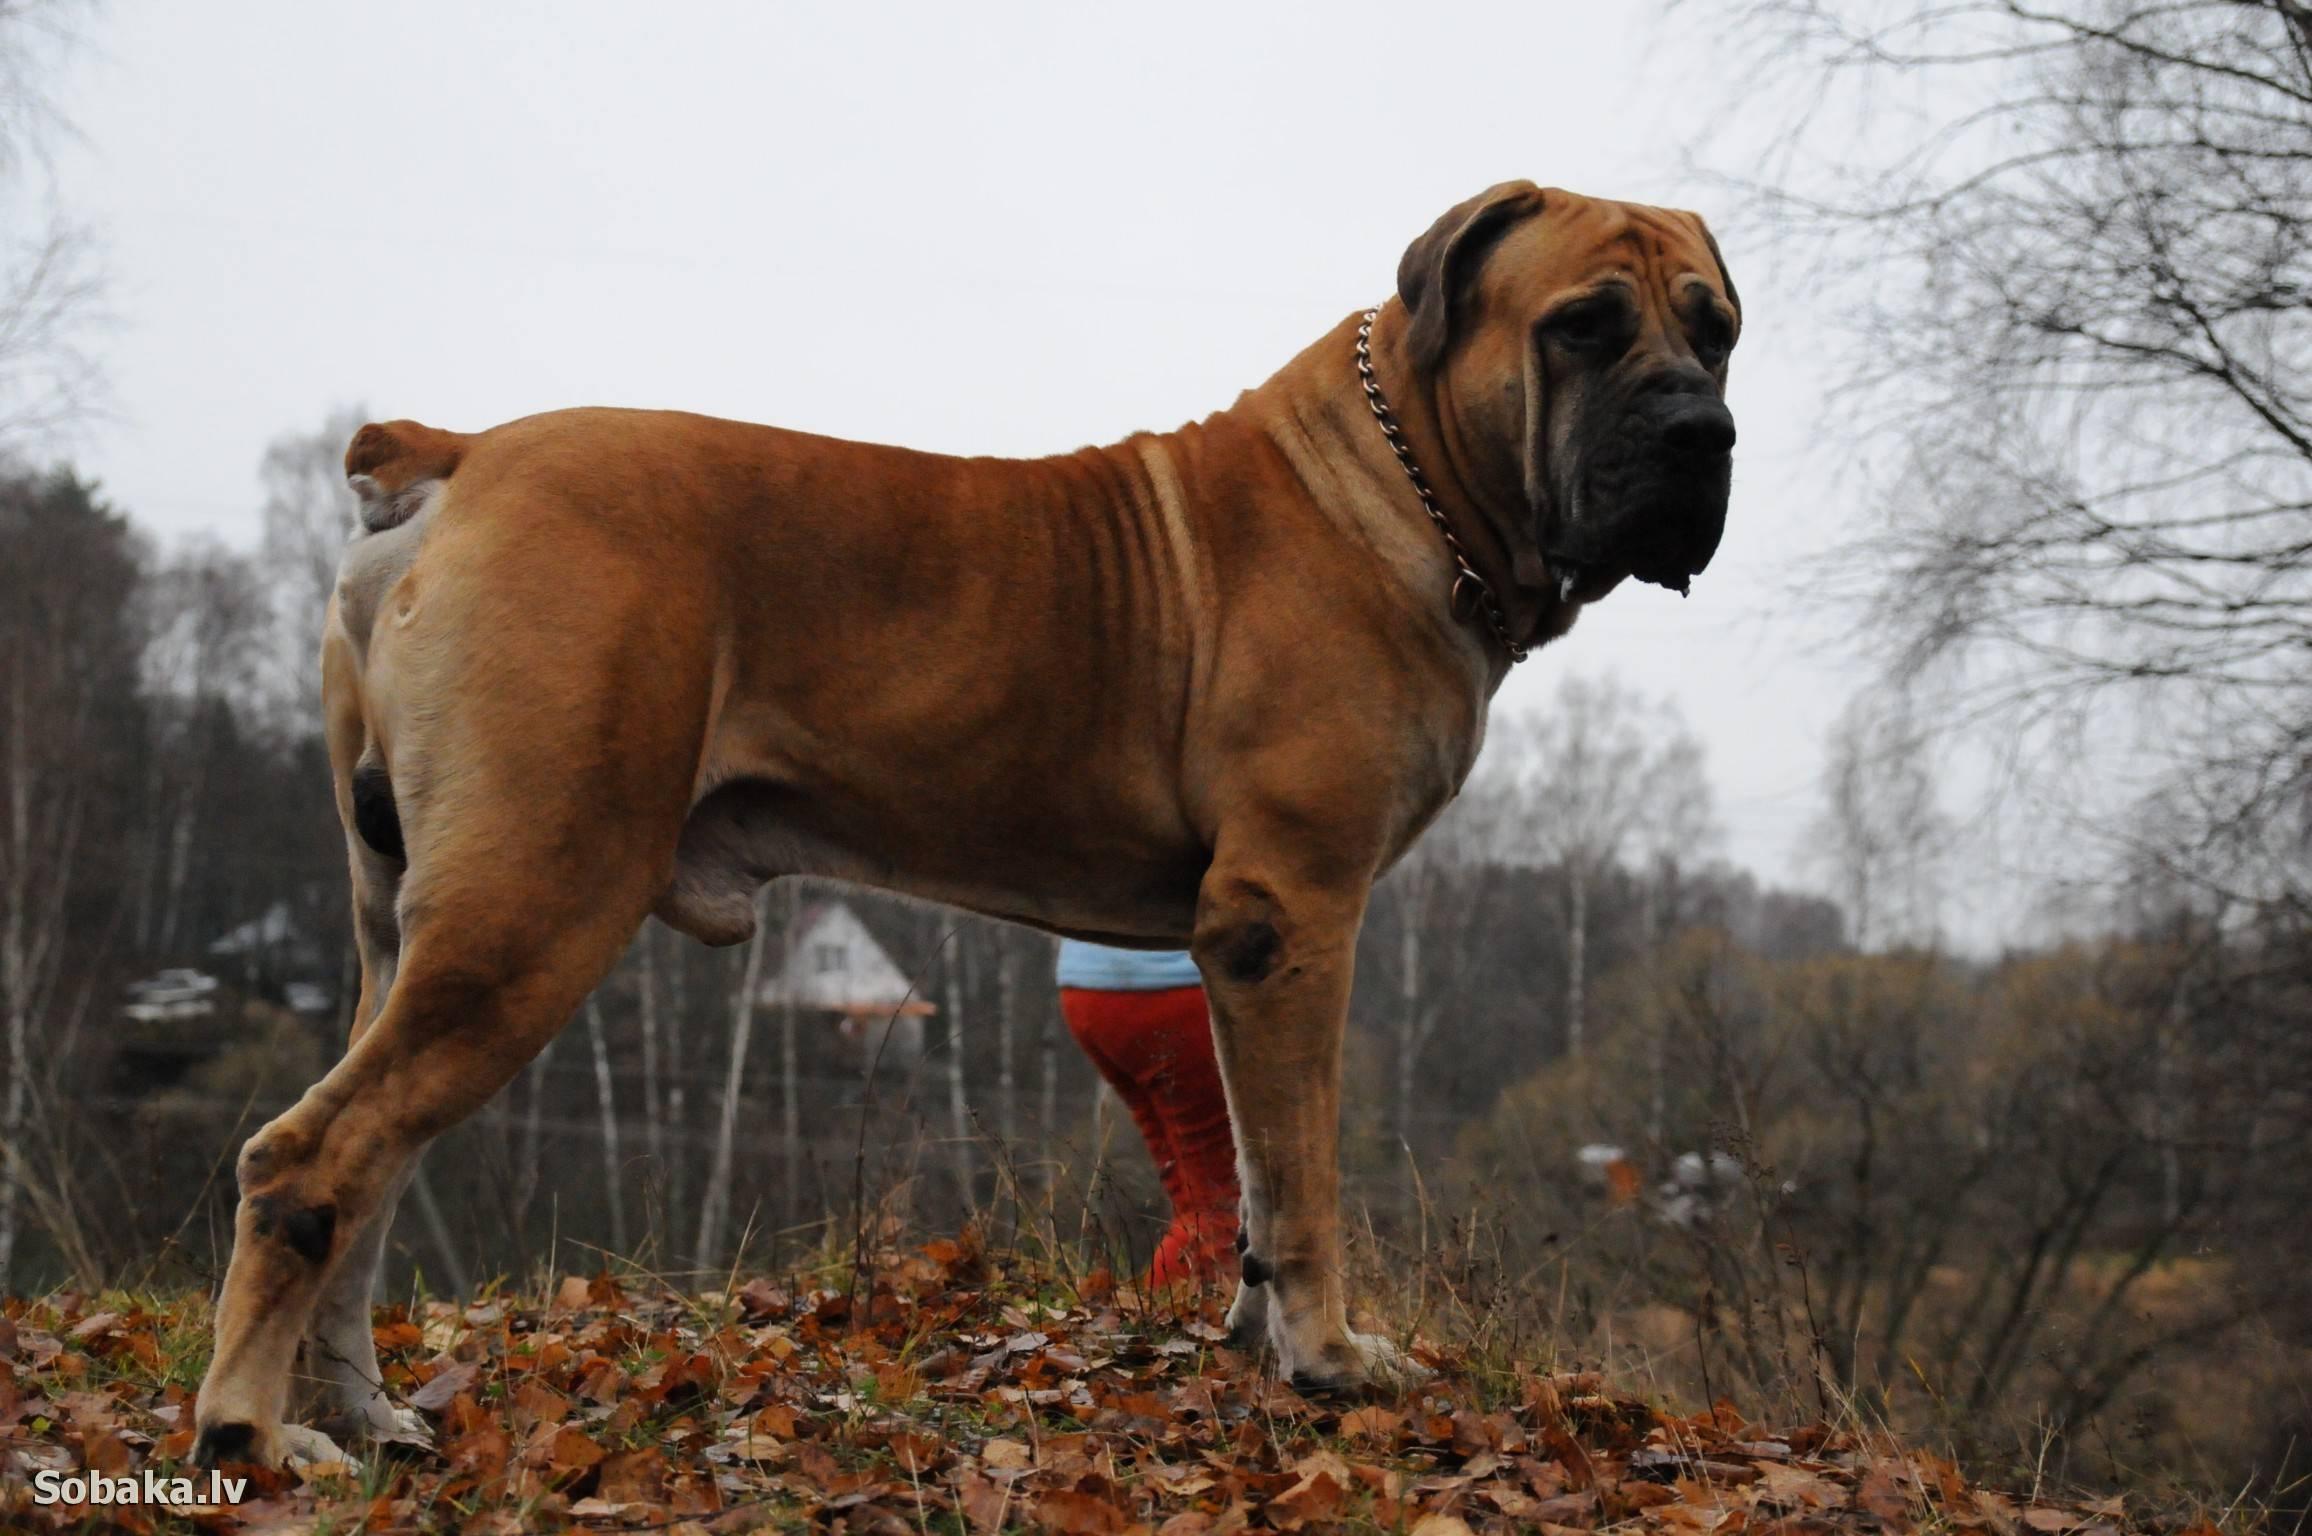 Южноафриканская собака бурбуль, описание, питание и характер